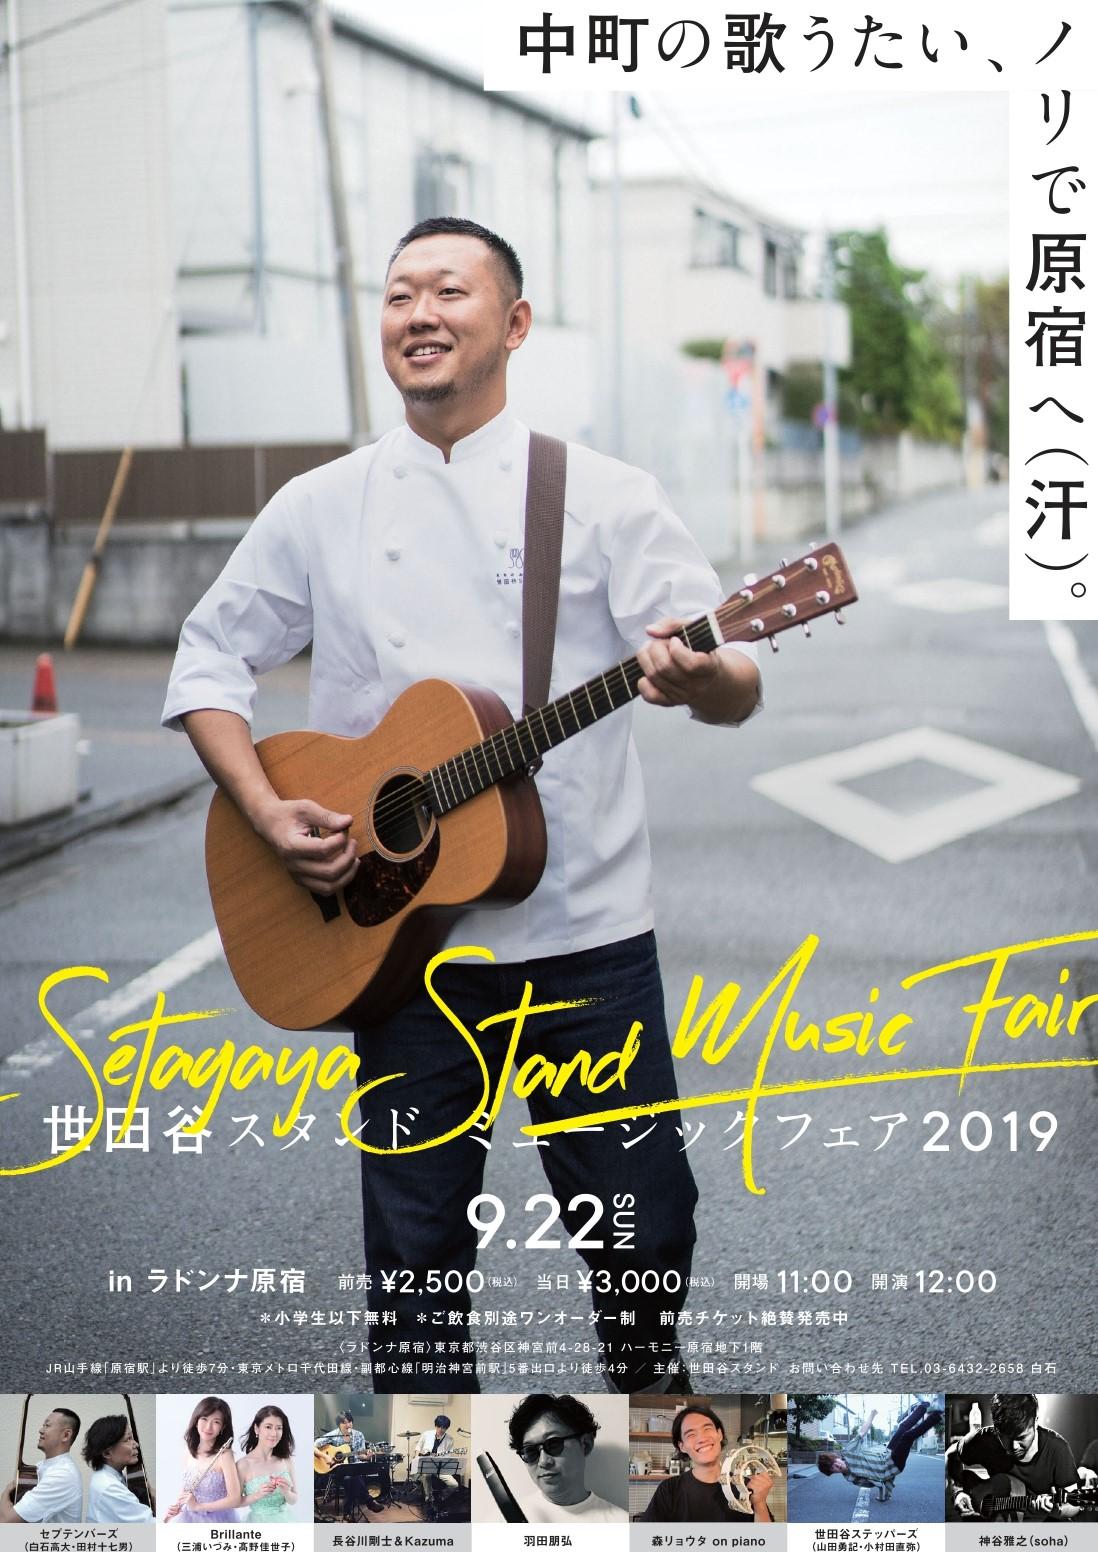 世田谷スタンド  ミュージックフェア2019